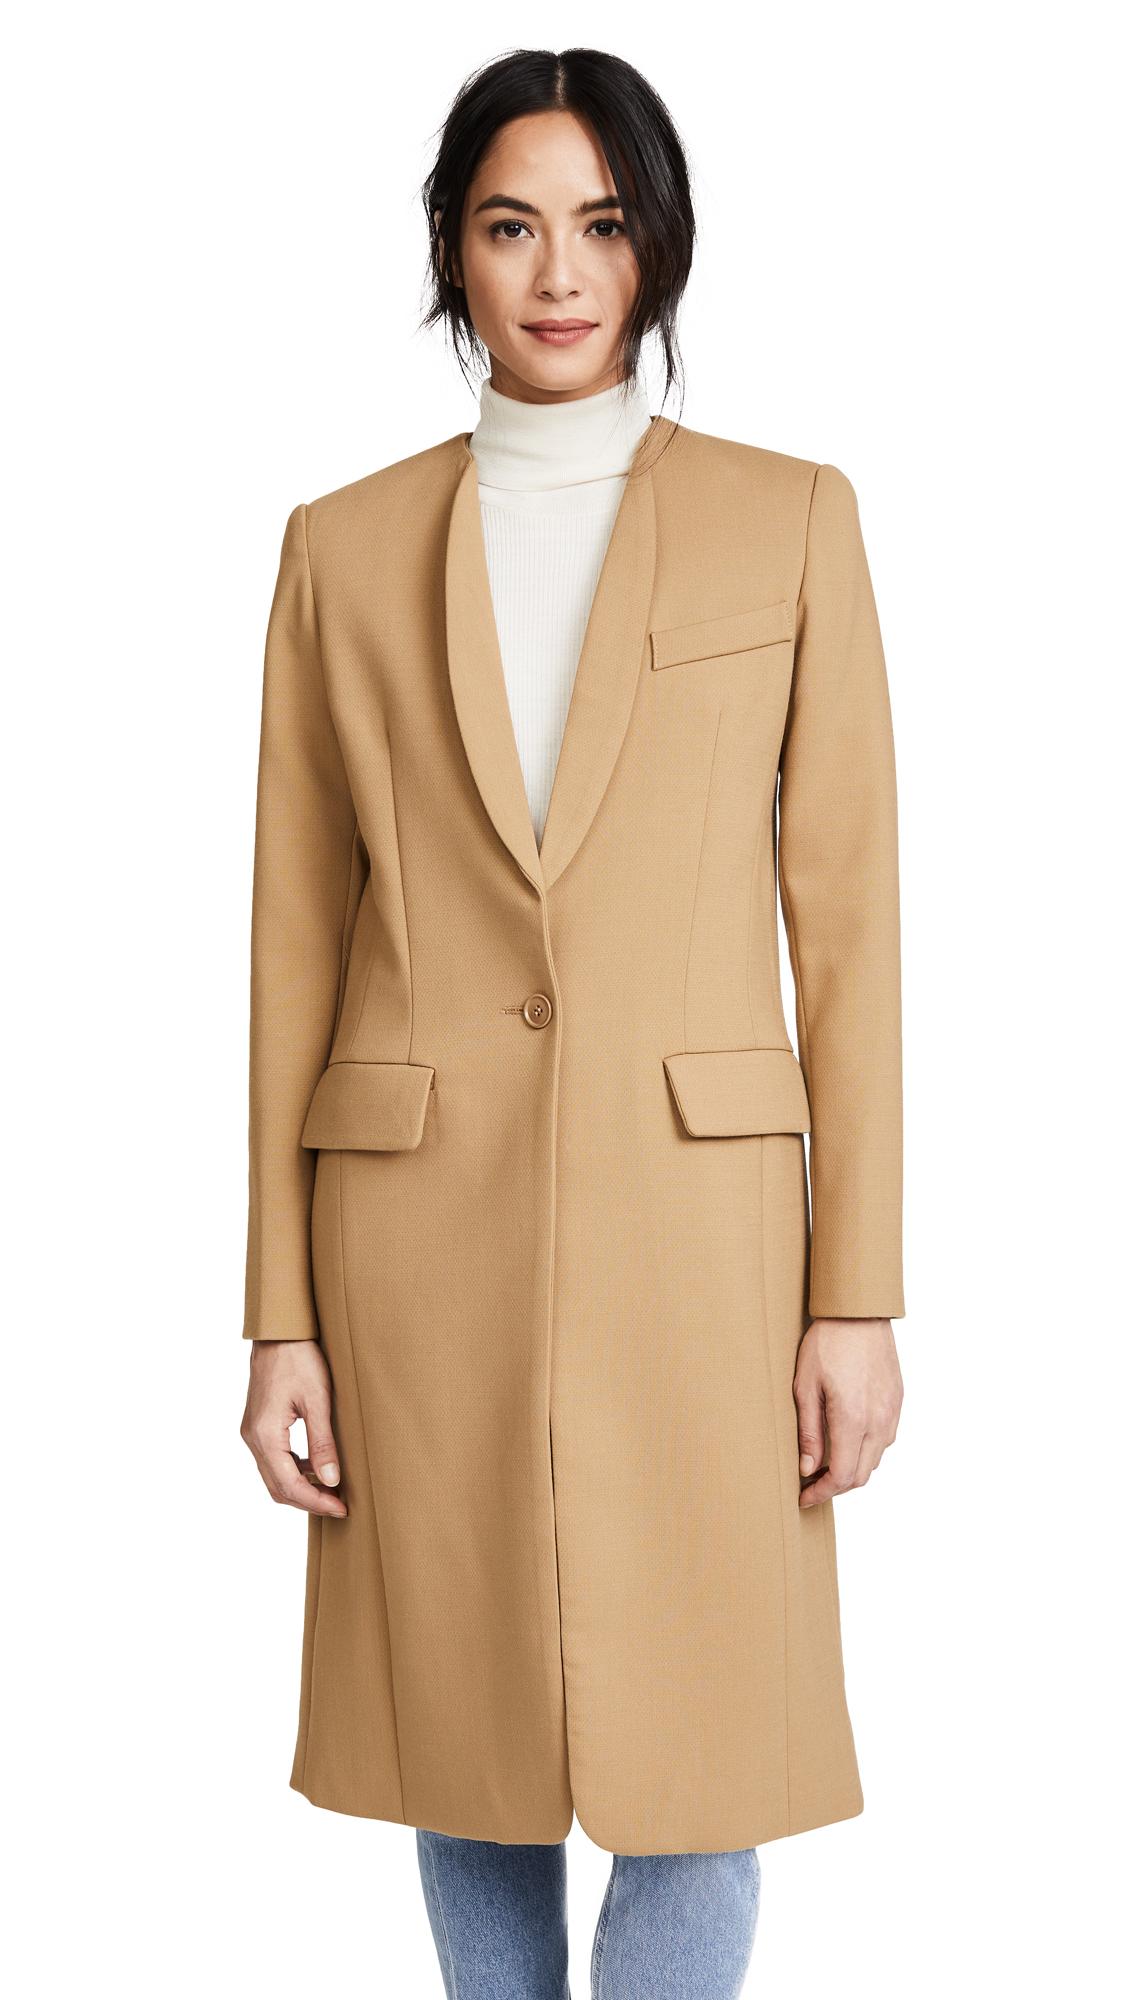 SMYTHE Skinny Lapel Coat - Camel